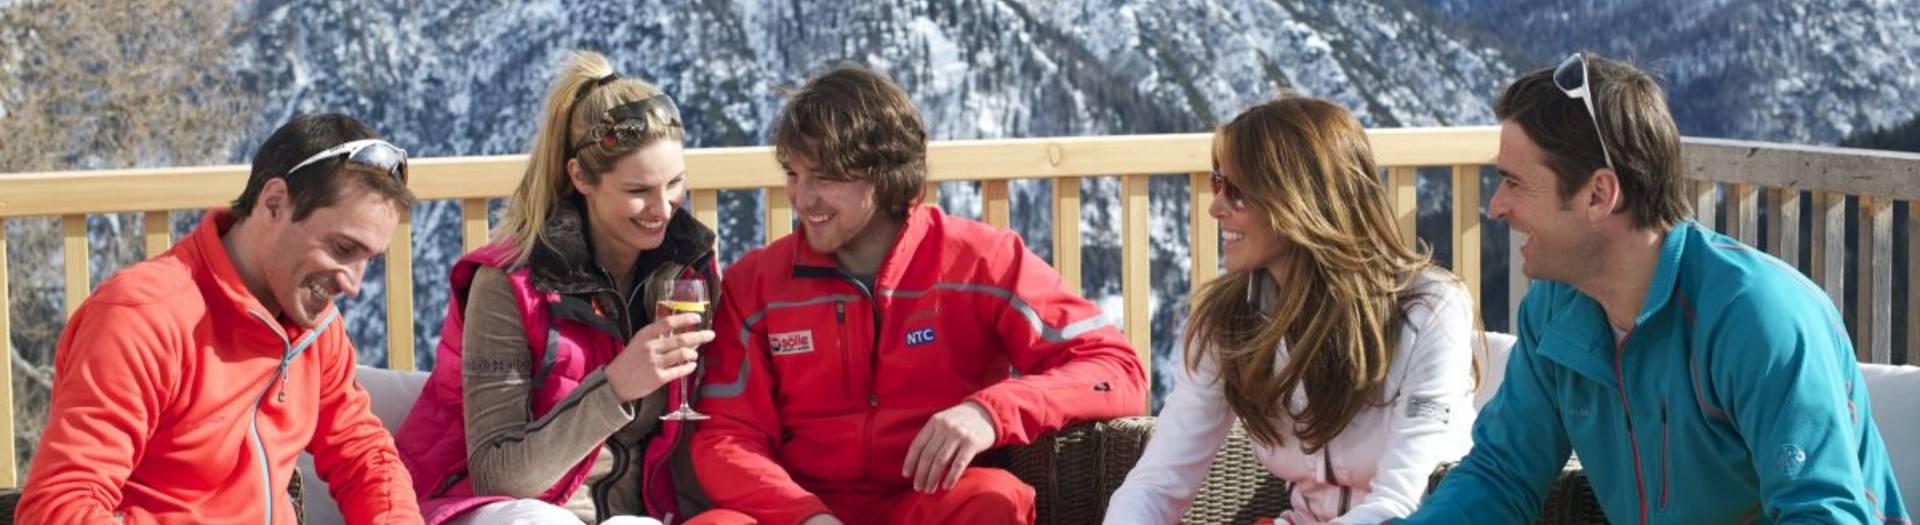 Nach dem Skifahren mit Freunden ins neue Jahr hineinfeiern.